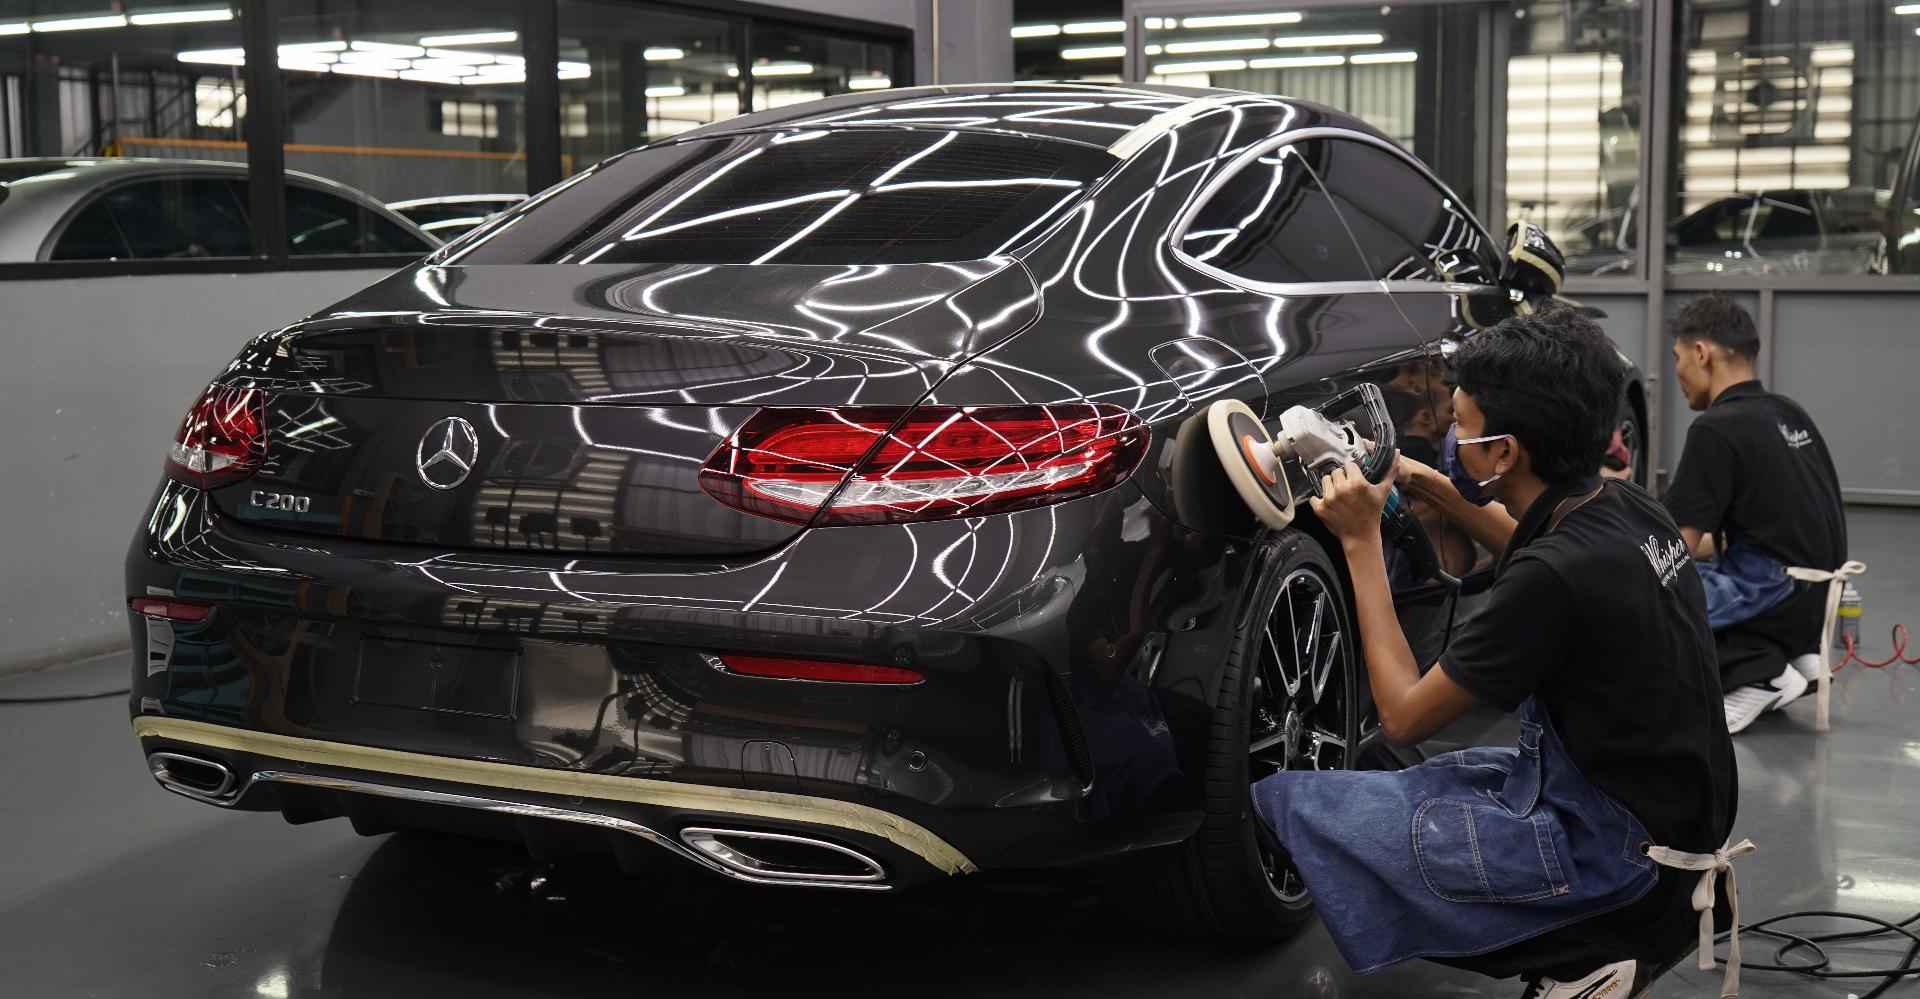 ขัดเคลือบสี Benzมือสอง เคลือบแก้ว whisper executive